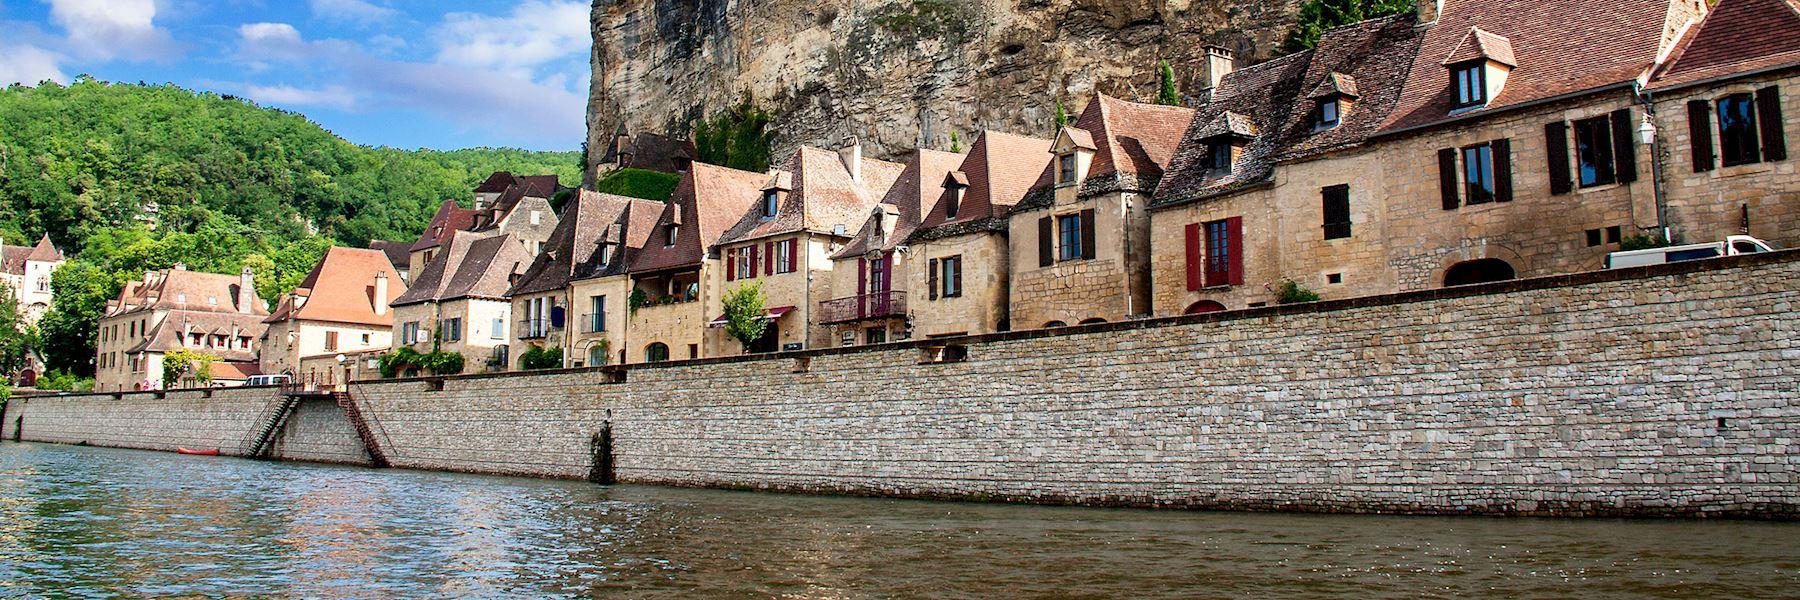 Visit La Roque-Gageac, France